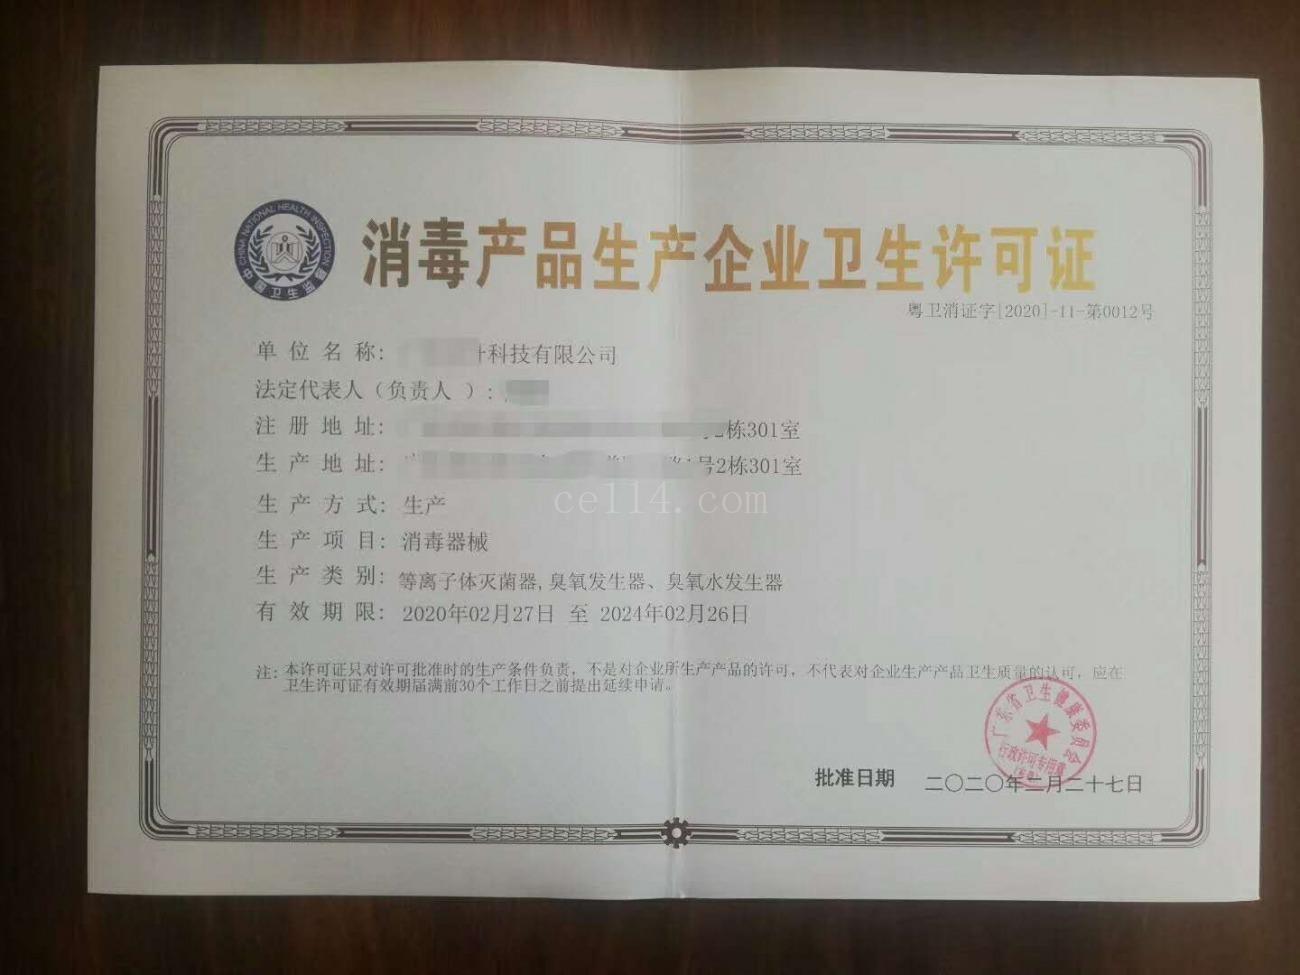 漳州办理消毒产品生产企业卫生许可证